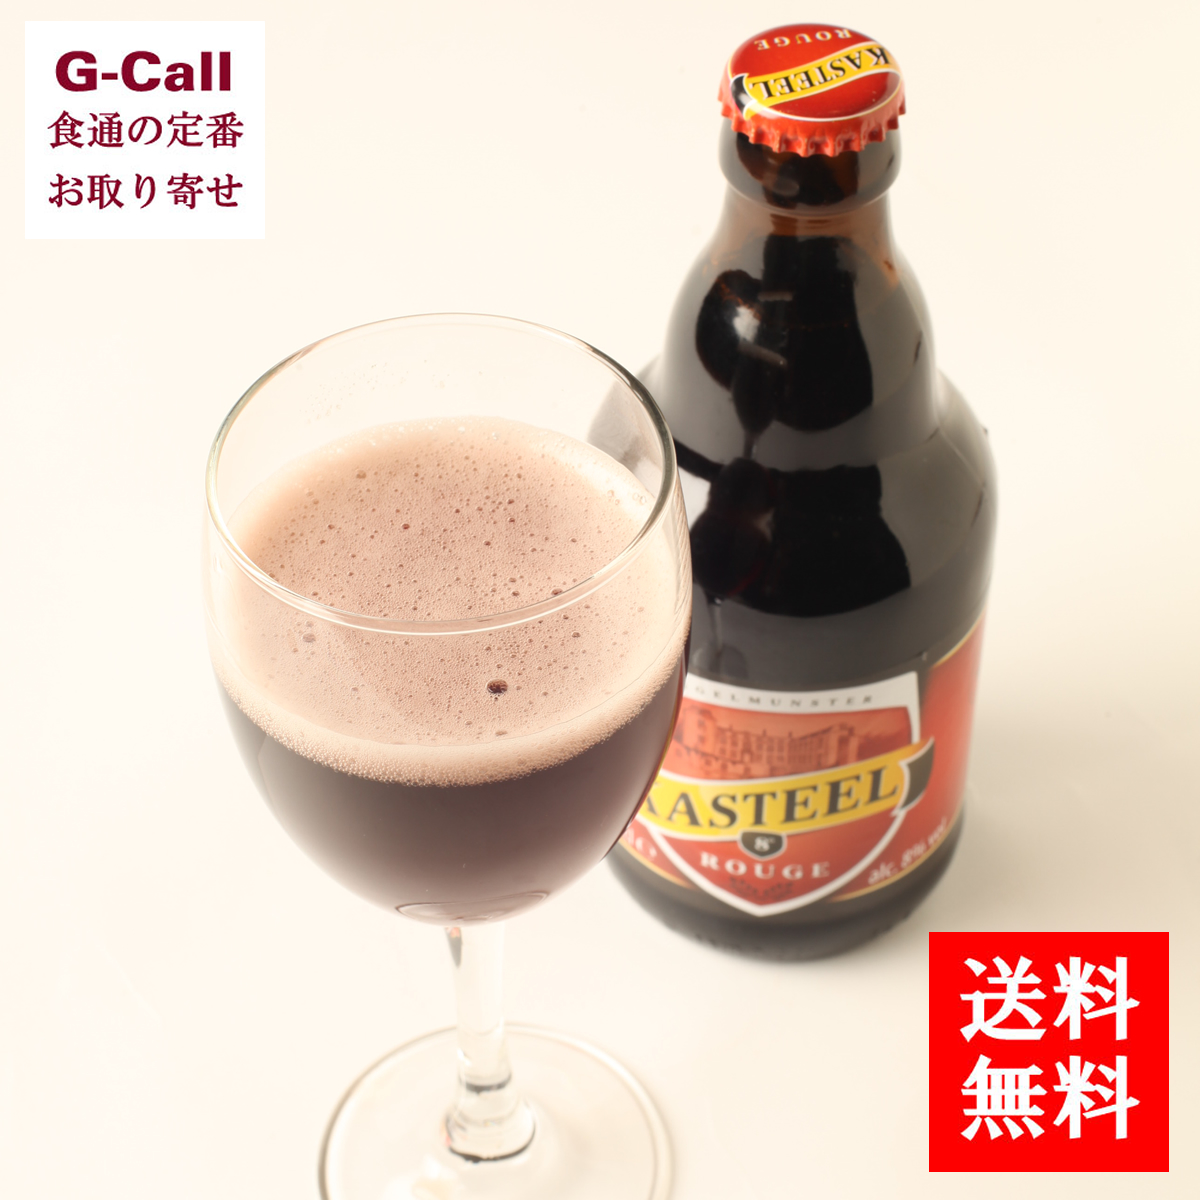 ヴァンホンセ・ブロック醸造所 キャスティール ルージュ Kasteel Rouge 330ml 24本 ベルギービール ユーラシア・トレーディング 高アルコール